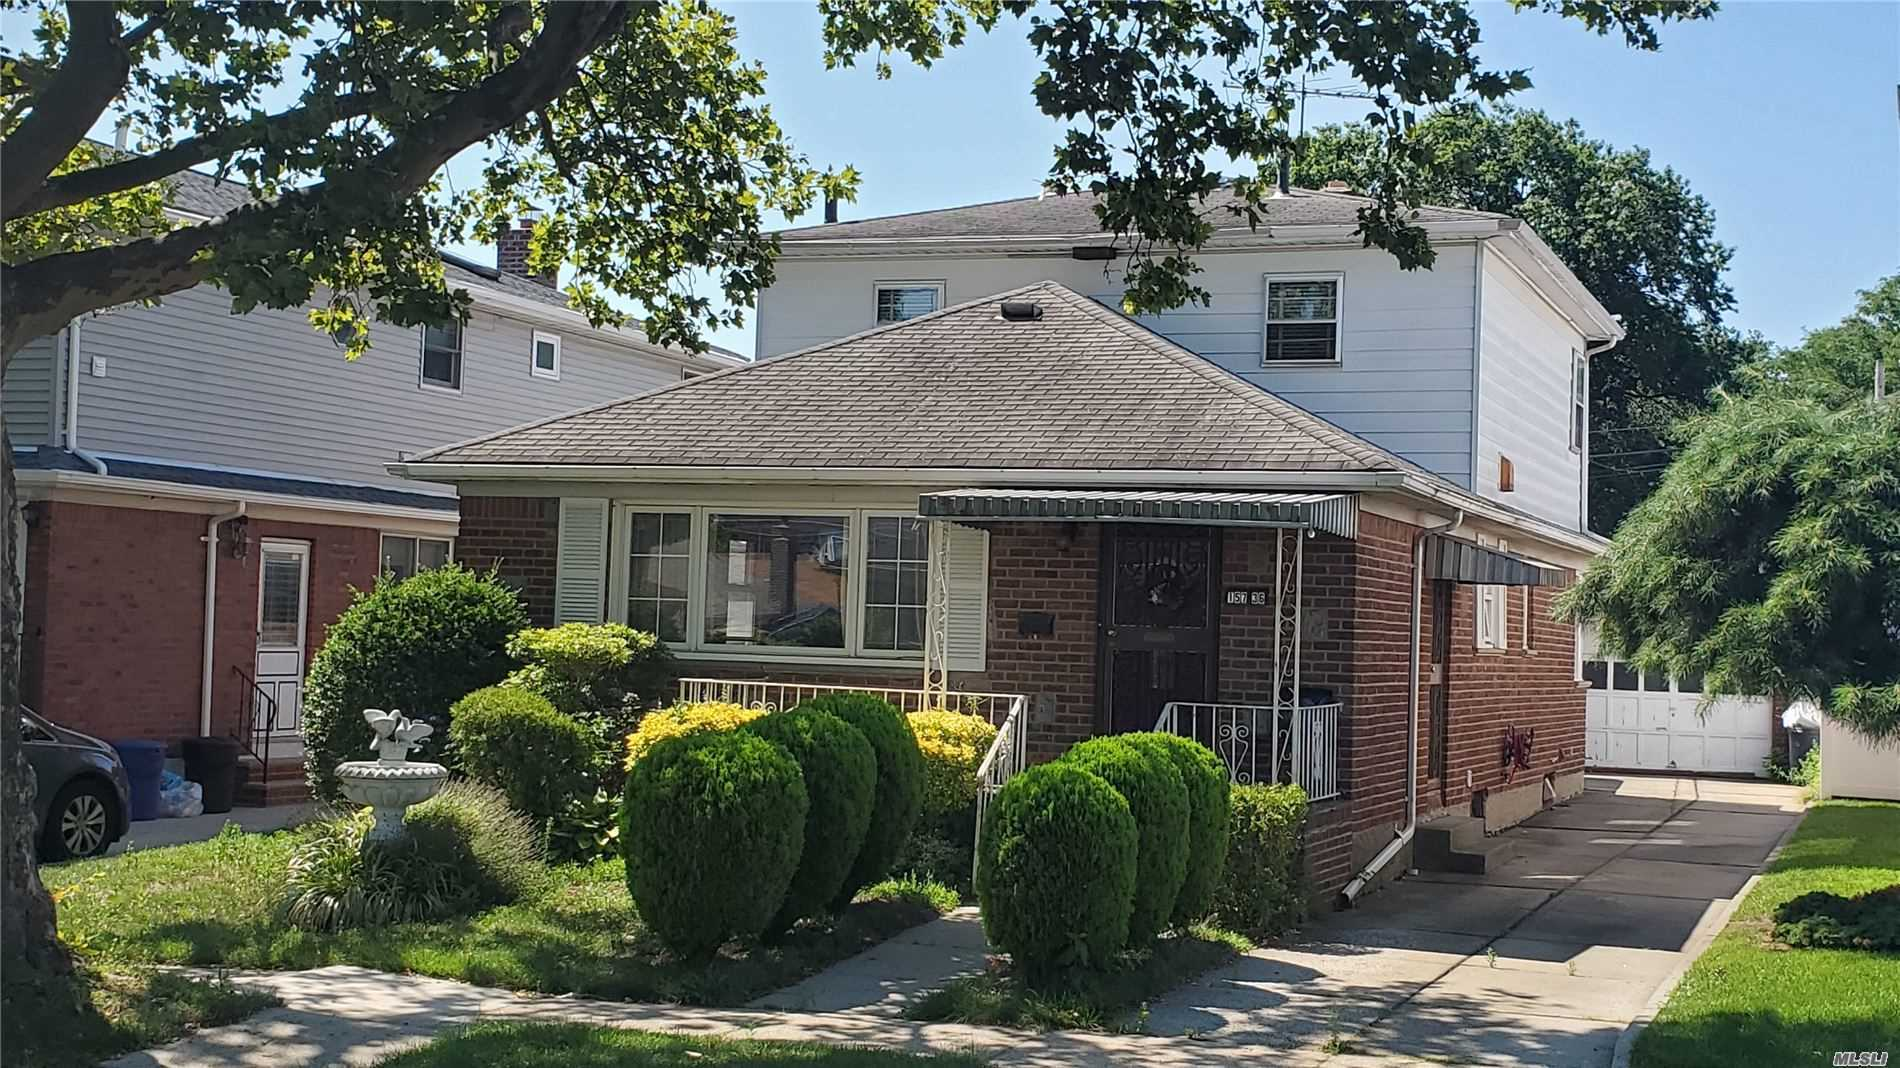 15736 16TH AVENUE, WHITESTONE, NY 11357